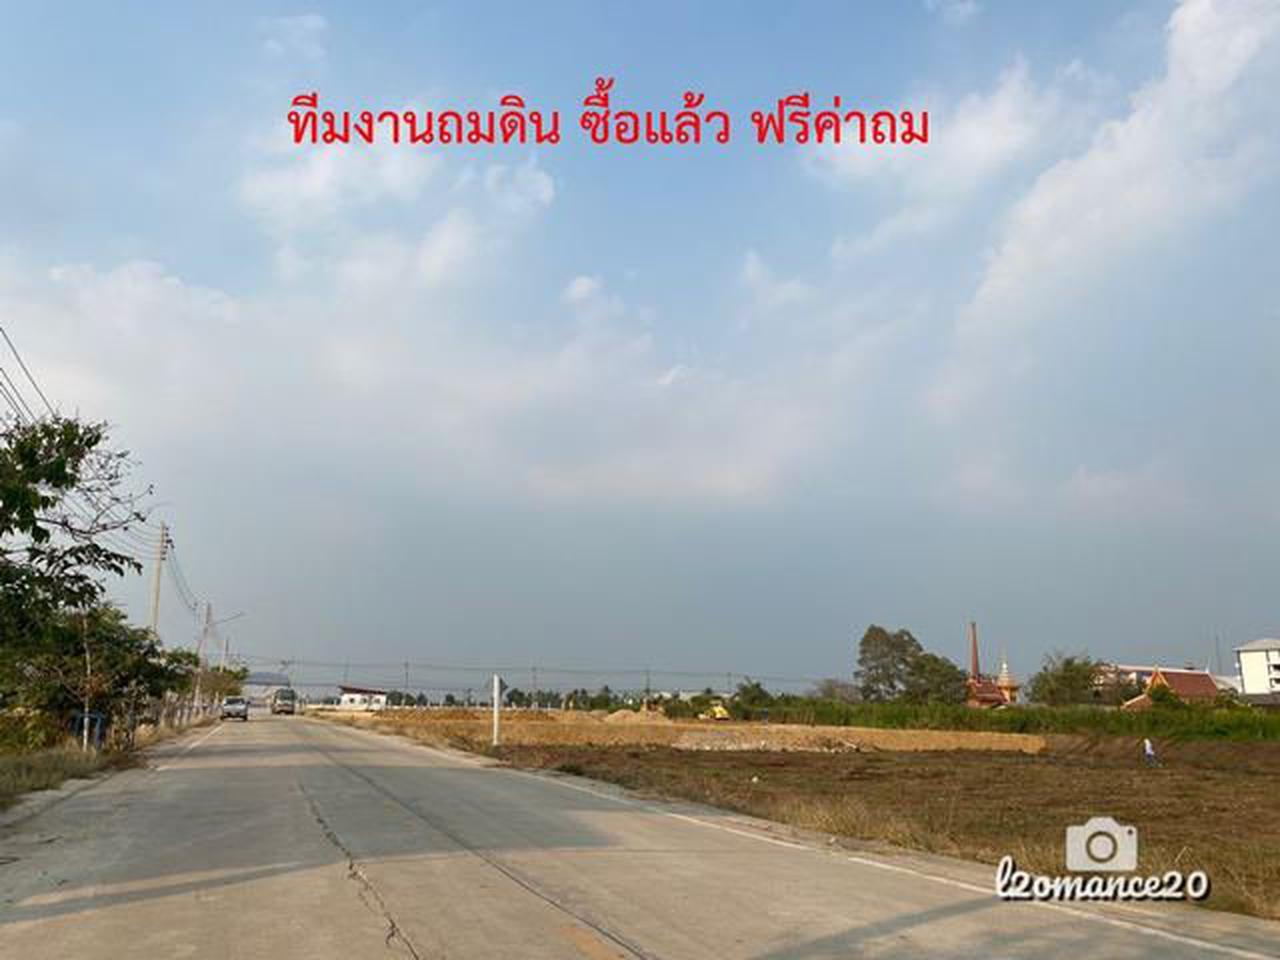 S301 ที่ดินแบ่งขายราคาถูก ขนาด 10 ไร่ ไทรน้อย นนทบุรี ราคา 4 ล้านบาท/ไร่ รูปที่ 3